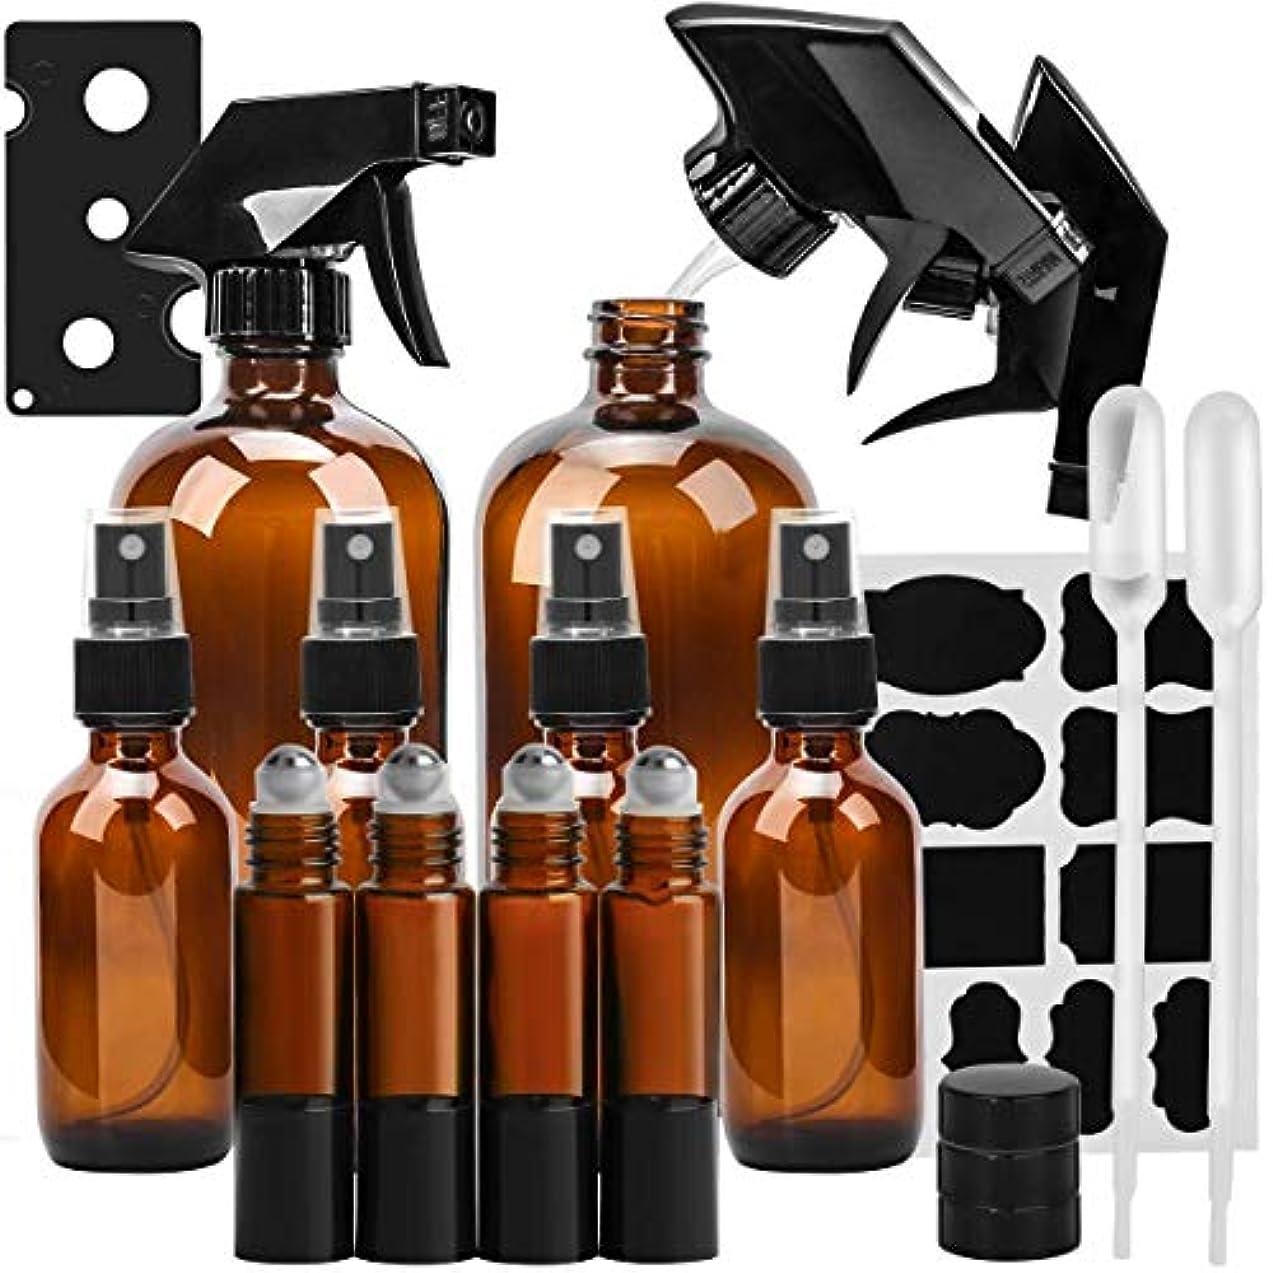 海賊旅寂しいKAMOTA 16オンス×2 2オンス×4 10ミリリットルローラーボトル×4 - 製品やアロマテラピーを清掃エッセンシャルオイル 用 詰め替え容器 セットガラススプレーボトルアンバーガラススプレーボトル アンバー-2